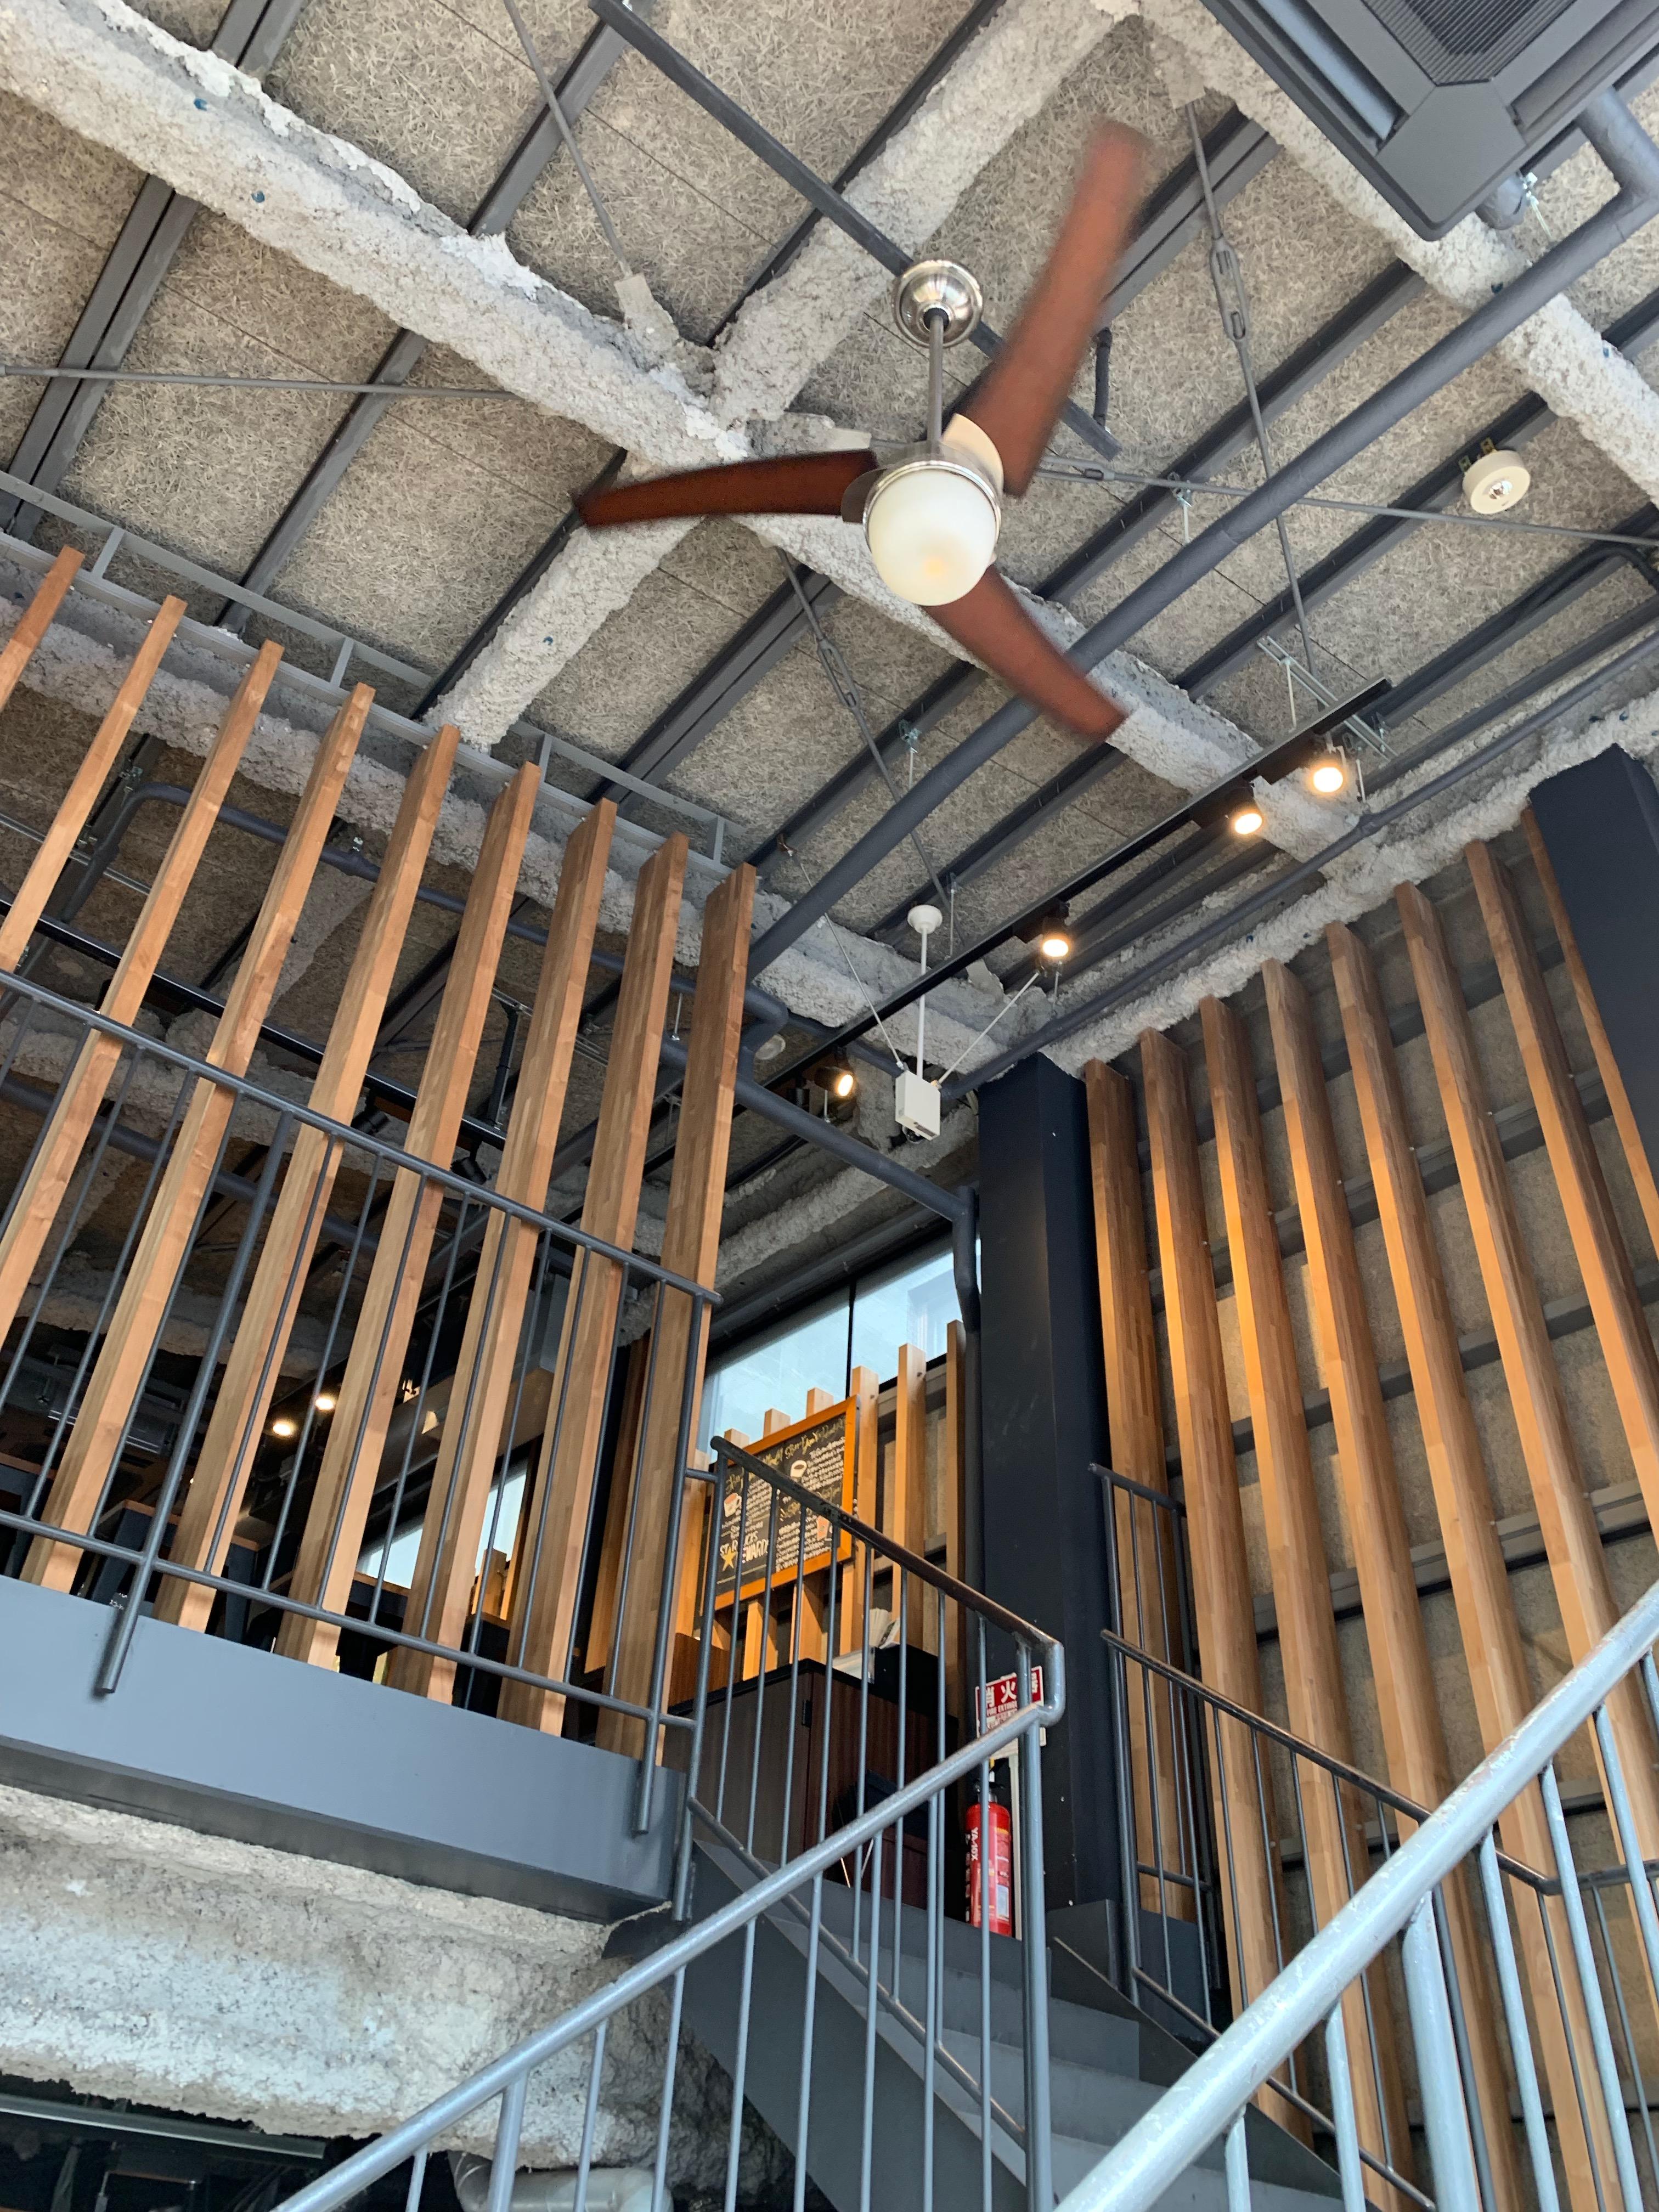 ユーラス ハンター カサブランカ  シーリングファン画像 正規輸入品販売ハンターストア